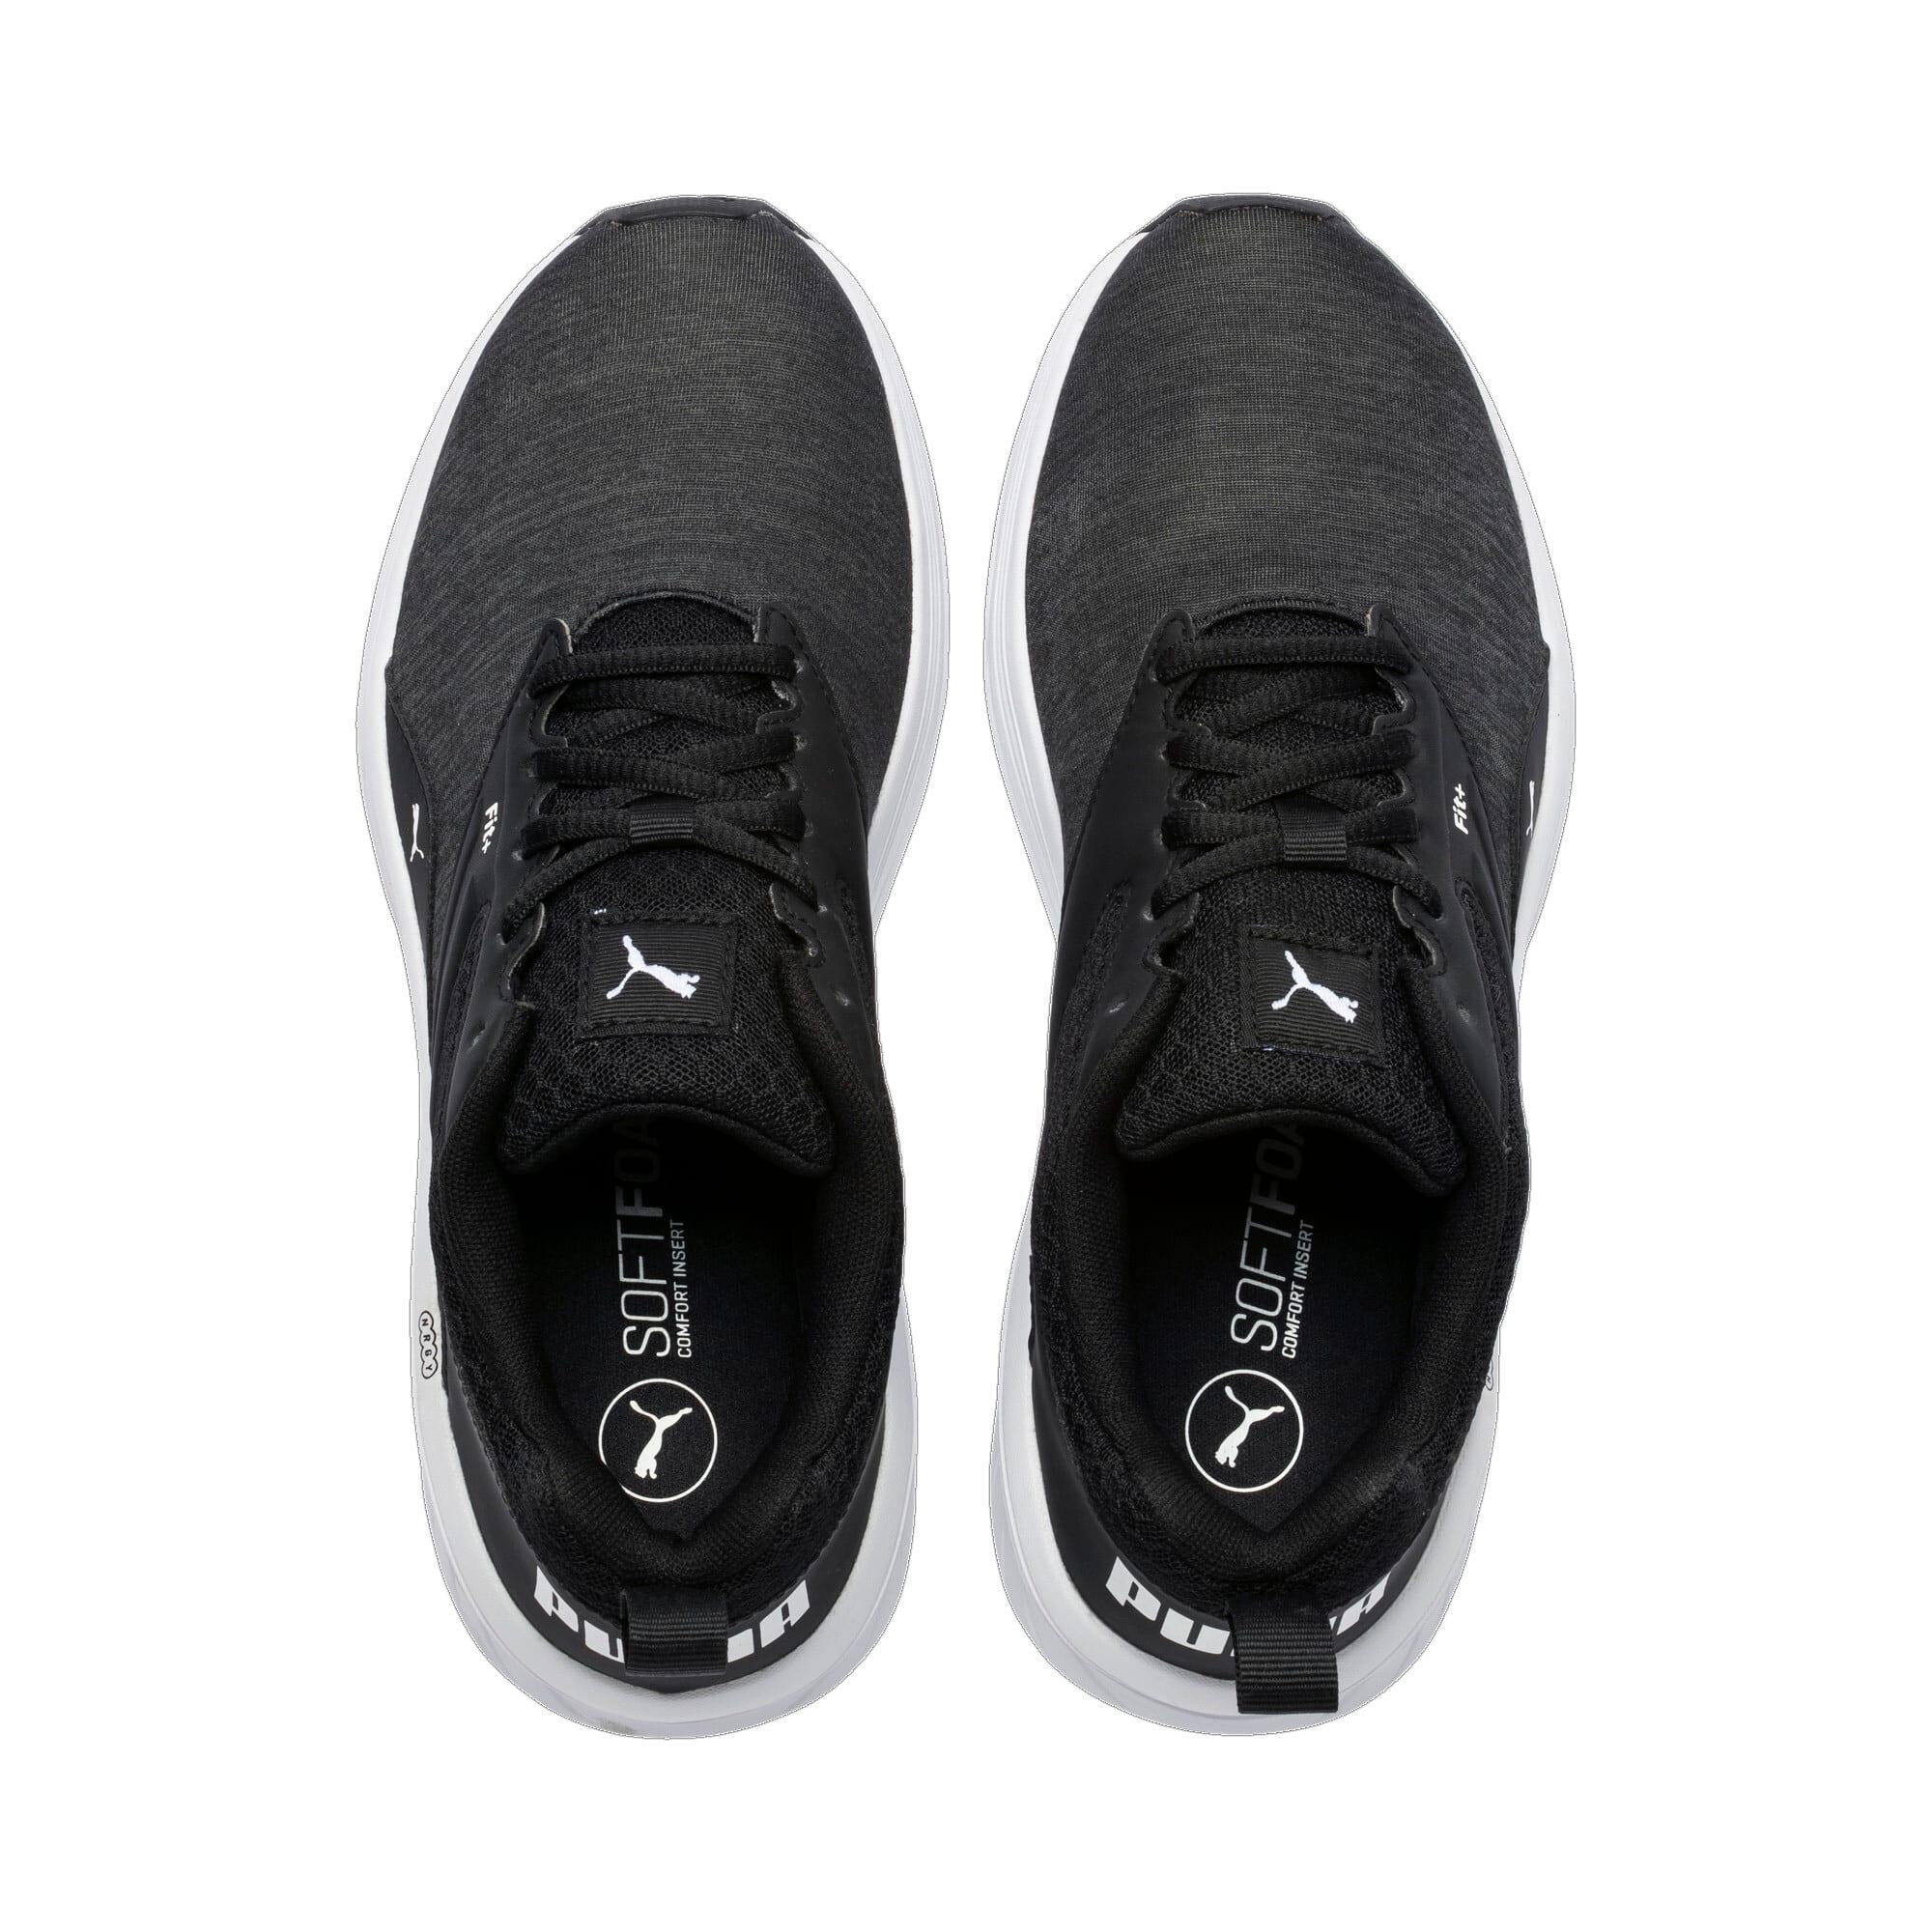 Miniatura 6 de Zapatos para correr NRGY Comet, Puma Black-Puma White, mediano